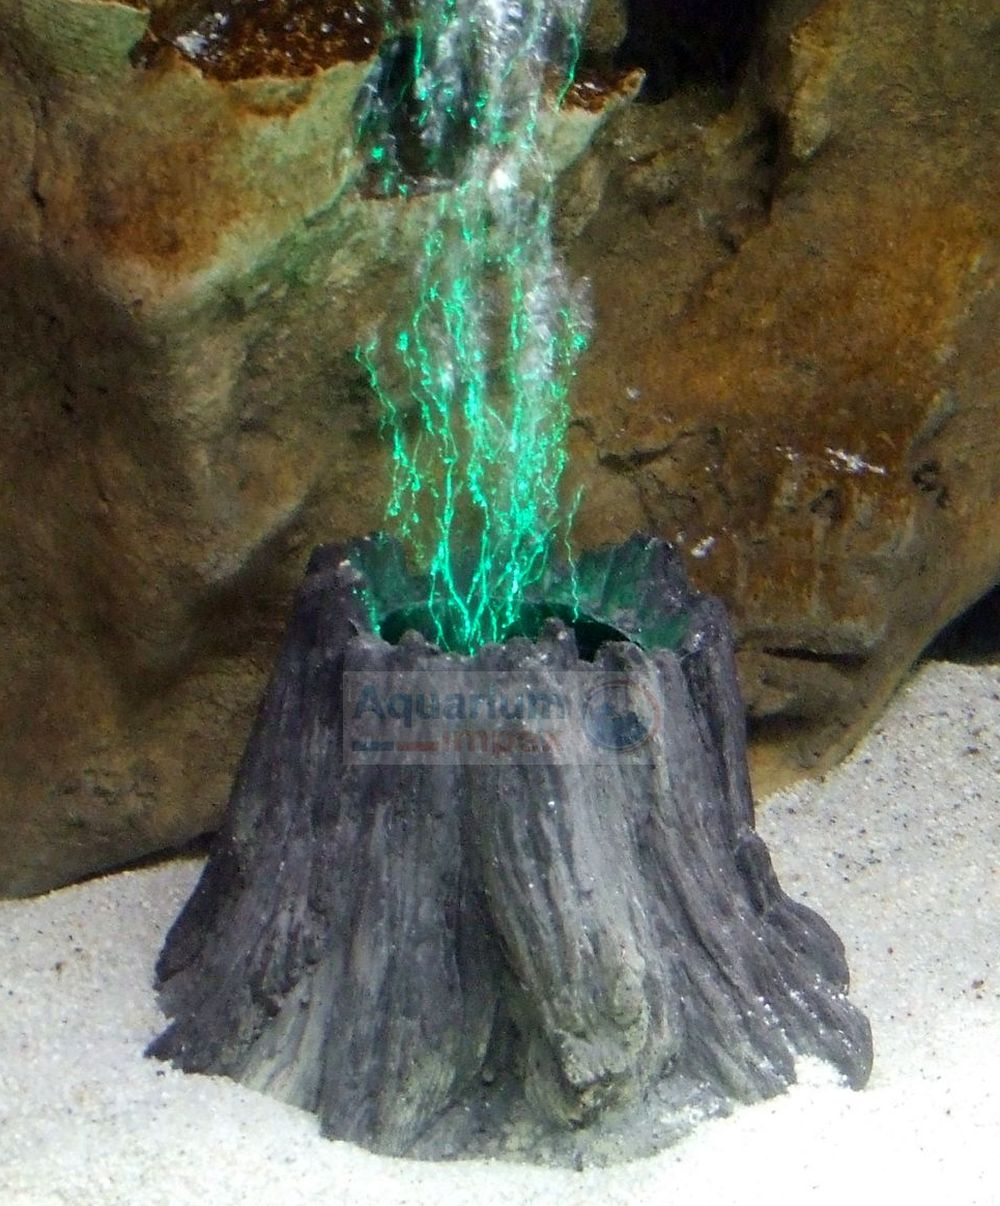 Aquarium-LED-Deko-VULKAN-o-BAUMSTUMPF-inkl-Luftausstroemer-Leuchte-Ausstroemer